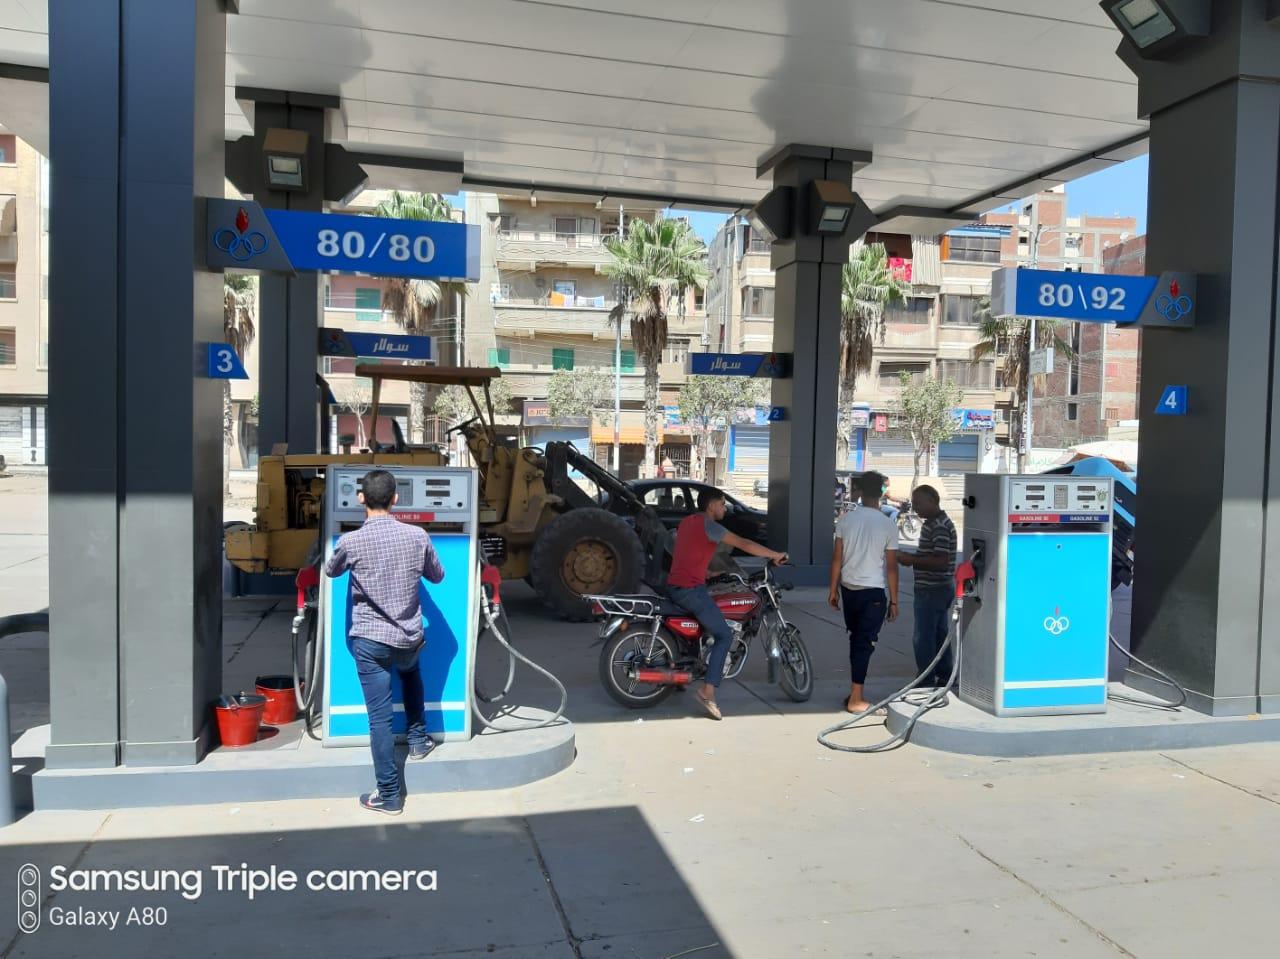 تحرير محضر ضد أحد أصحاب محطات الوقود  بالمحمودية لتجميعه 3000 لتر بنزين 80